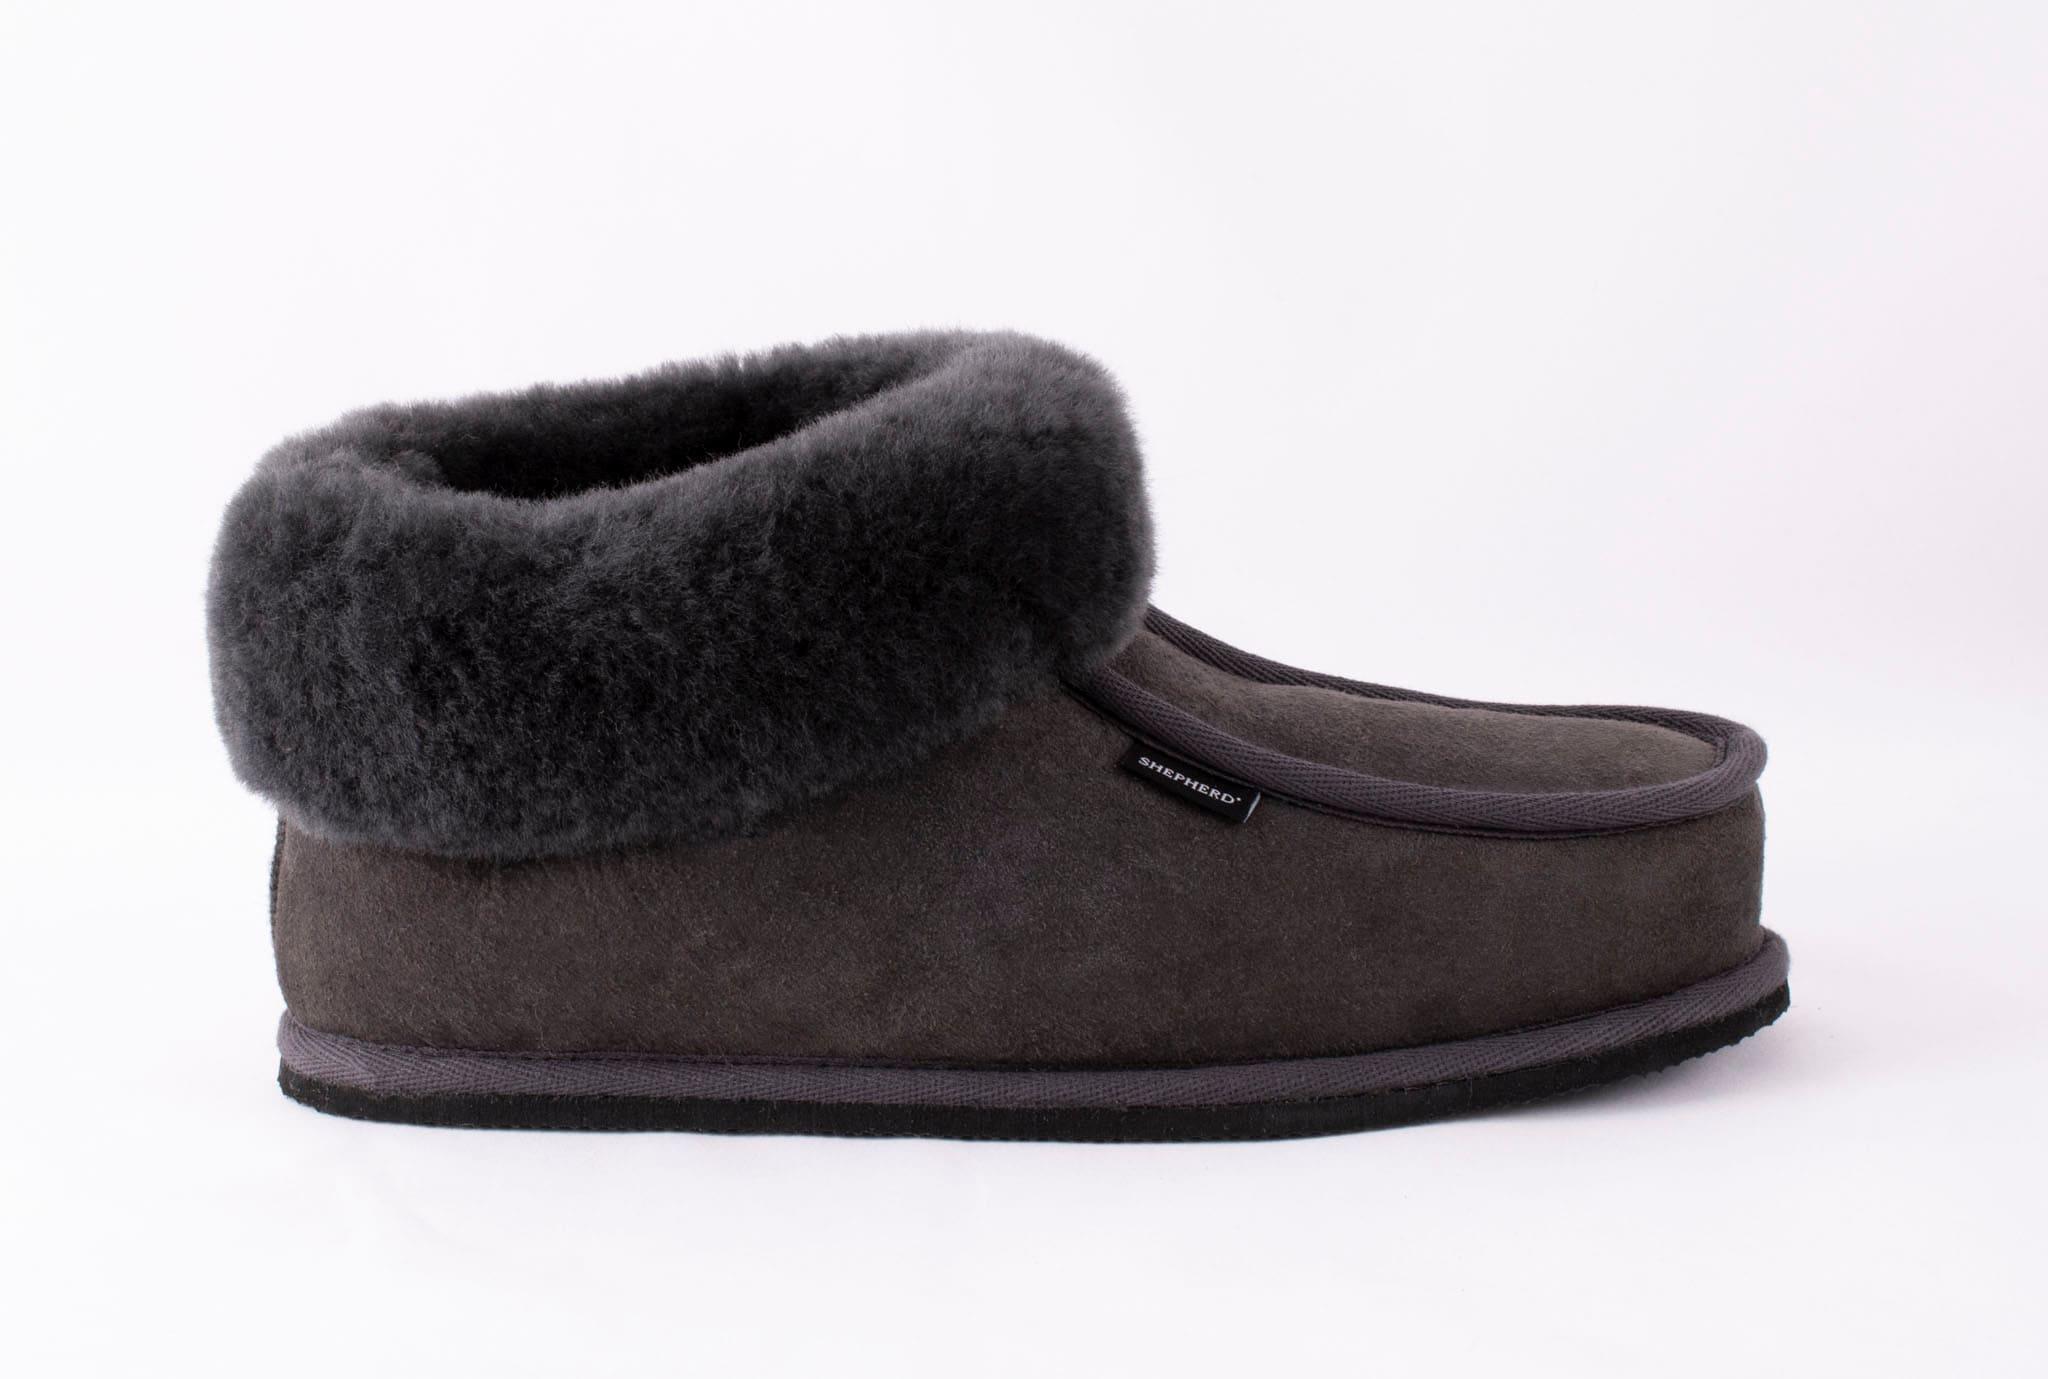 Shepherd Krister slippers